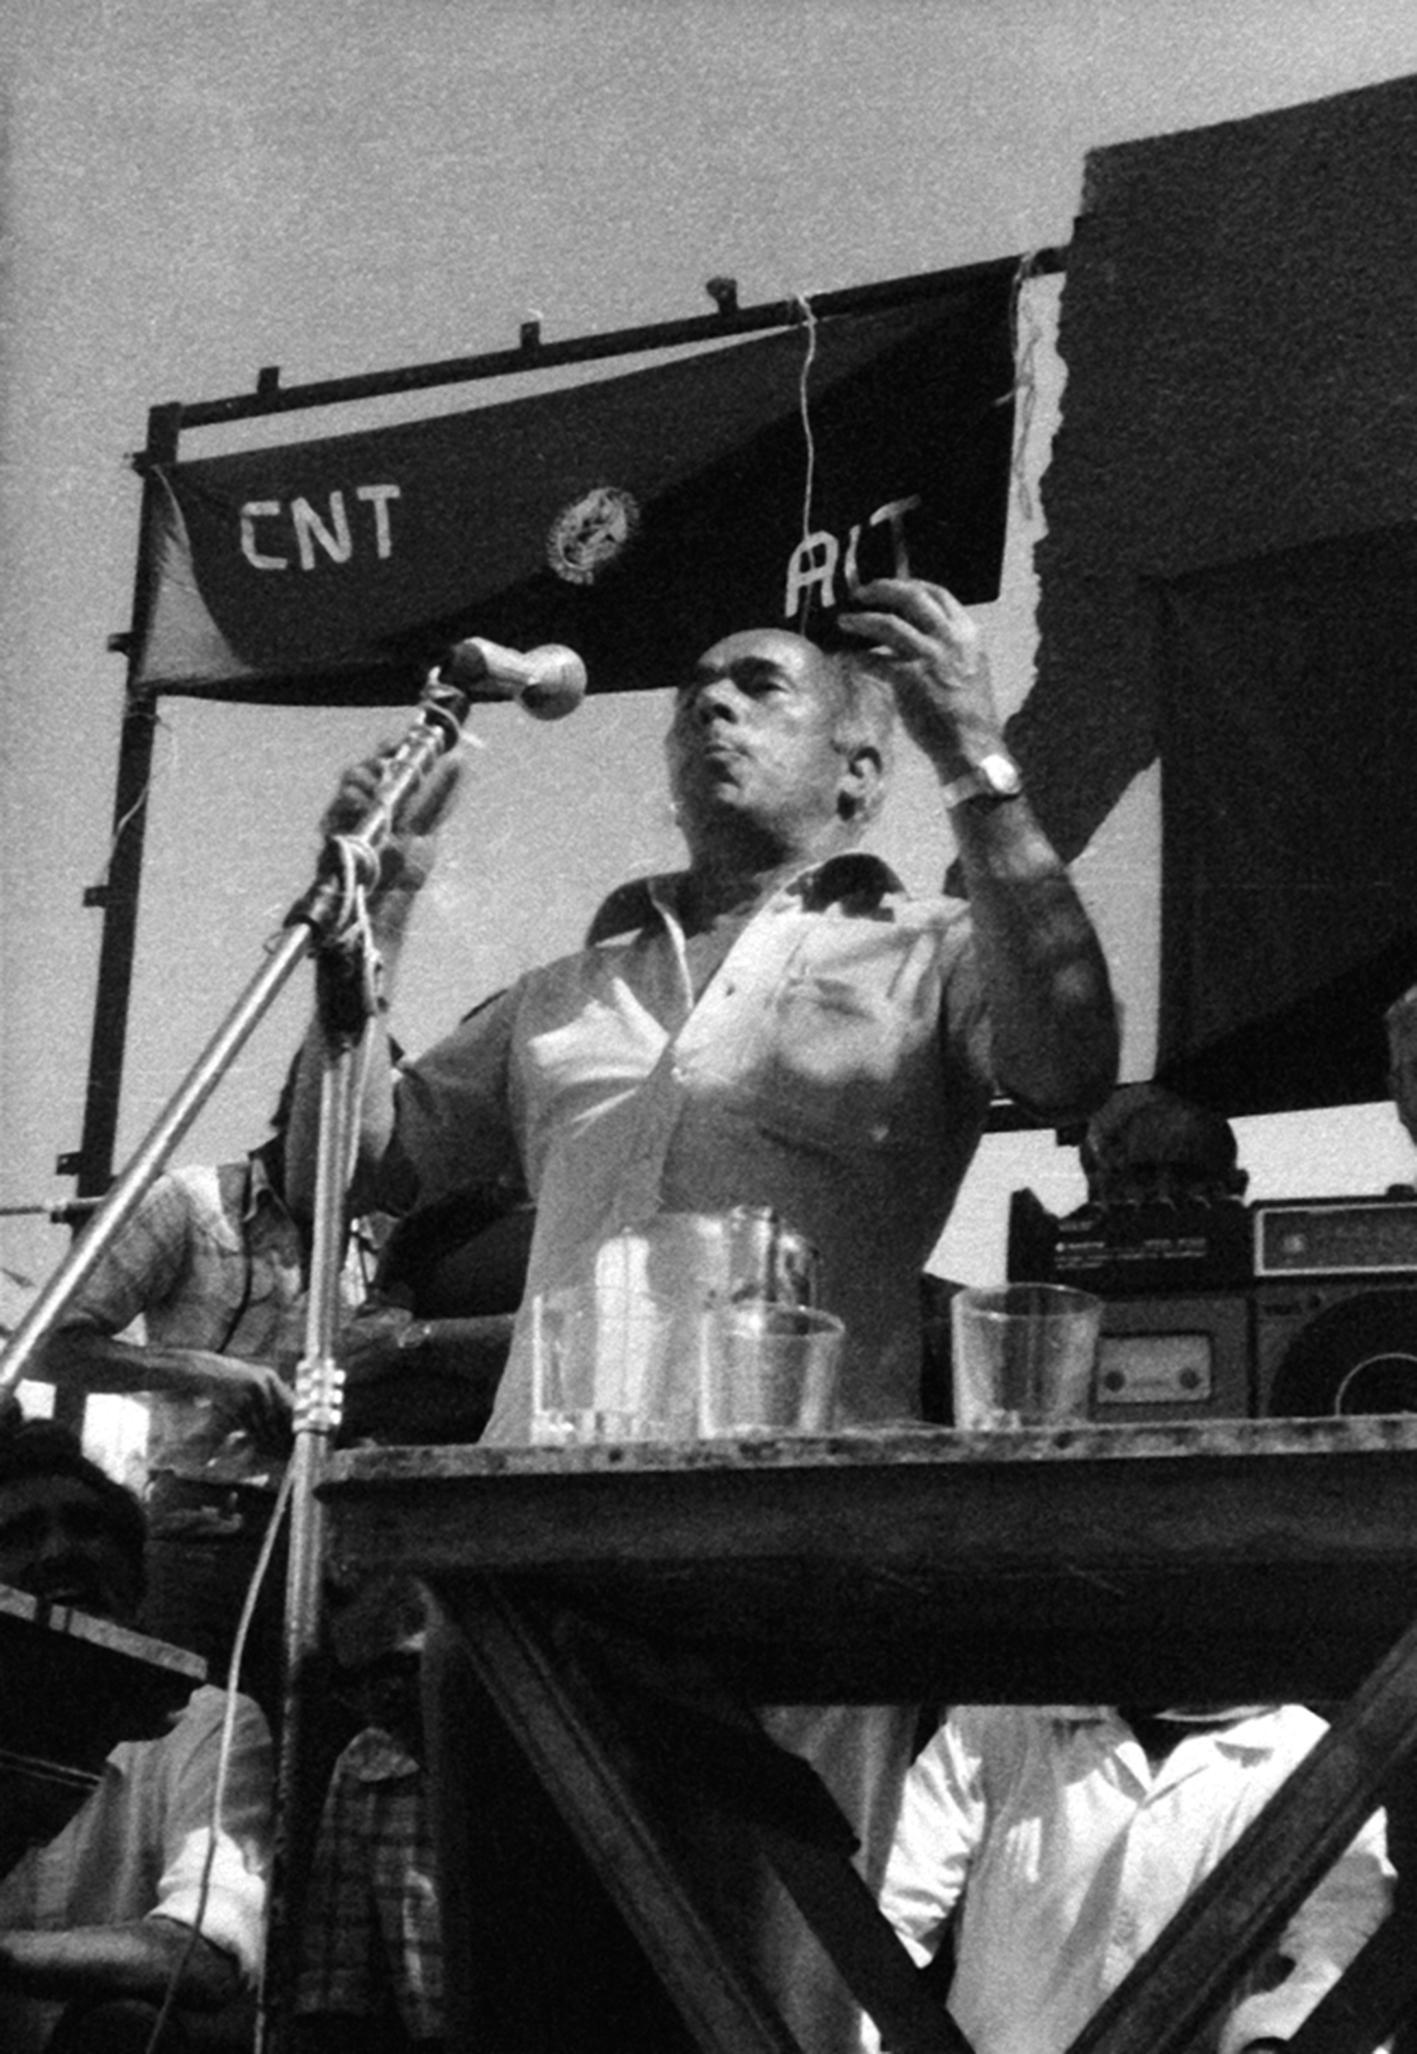 Antonio Vargas Rivas en un mitin de la CNT en Dos Hermanas (1977)